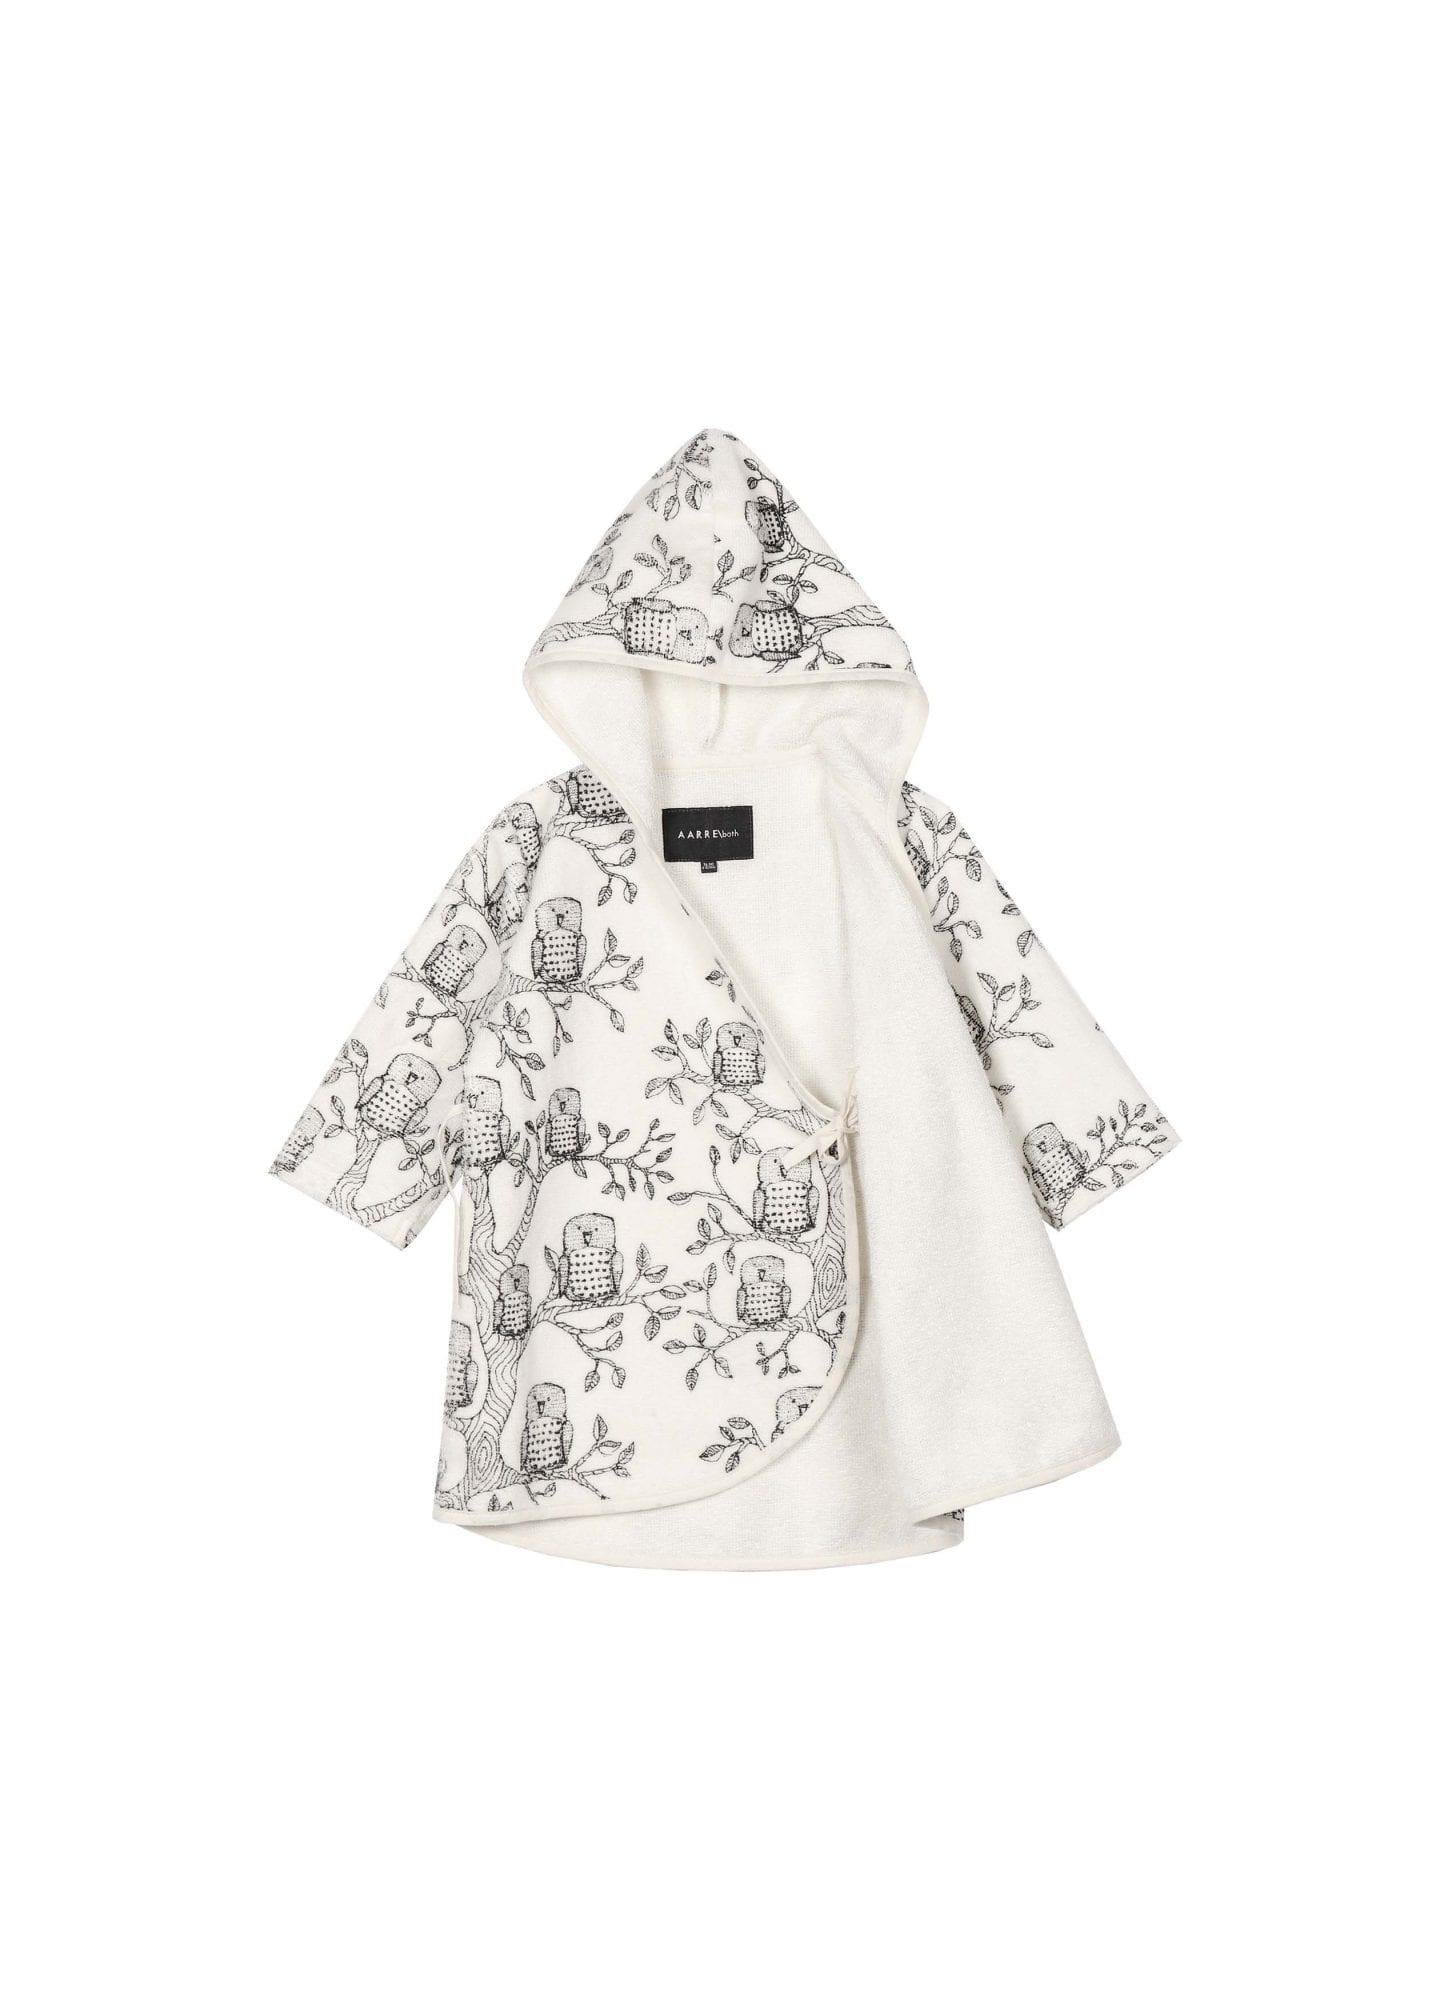 vauvan kietaisukylpytakki - pöllö - Aarrekid c114c6c5f6